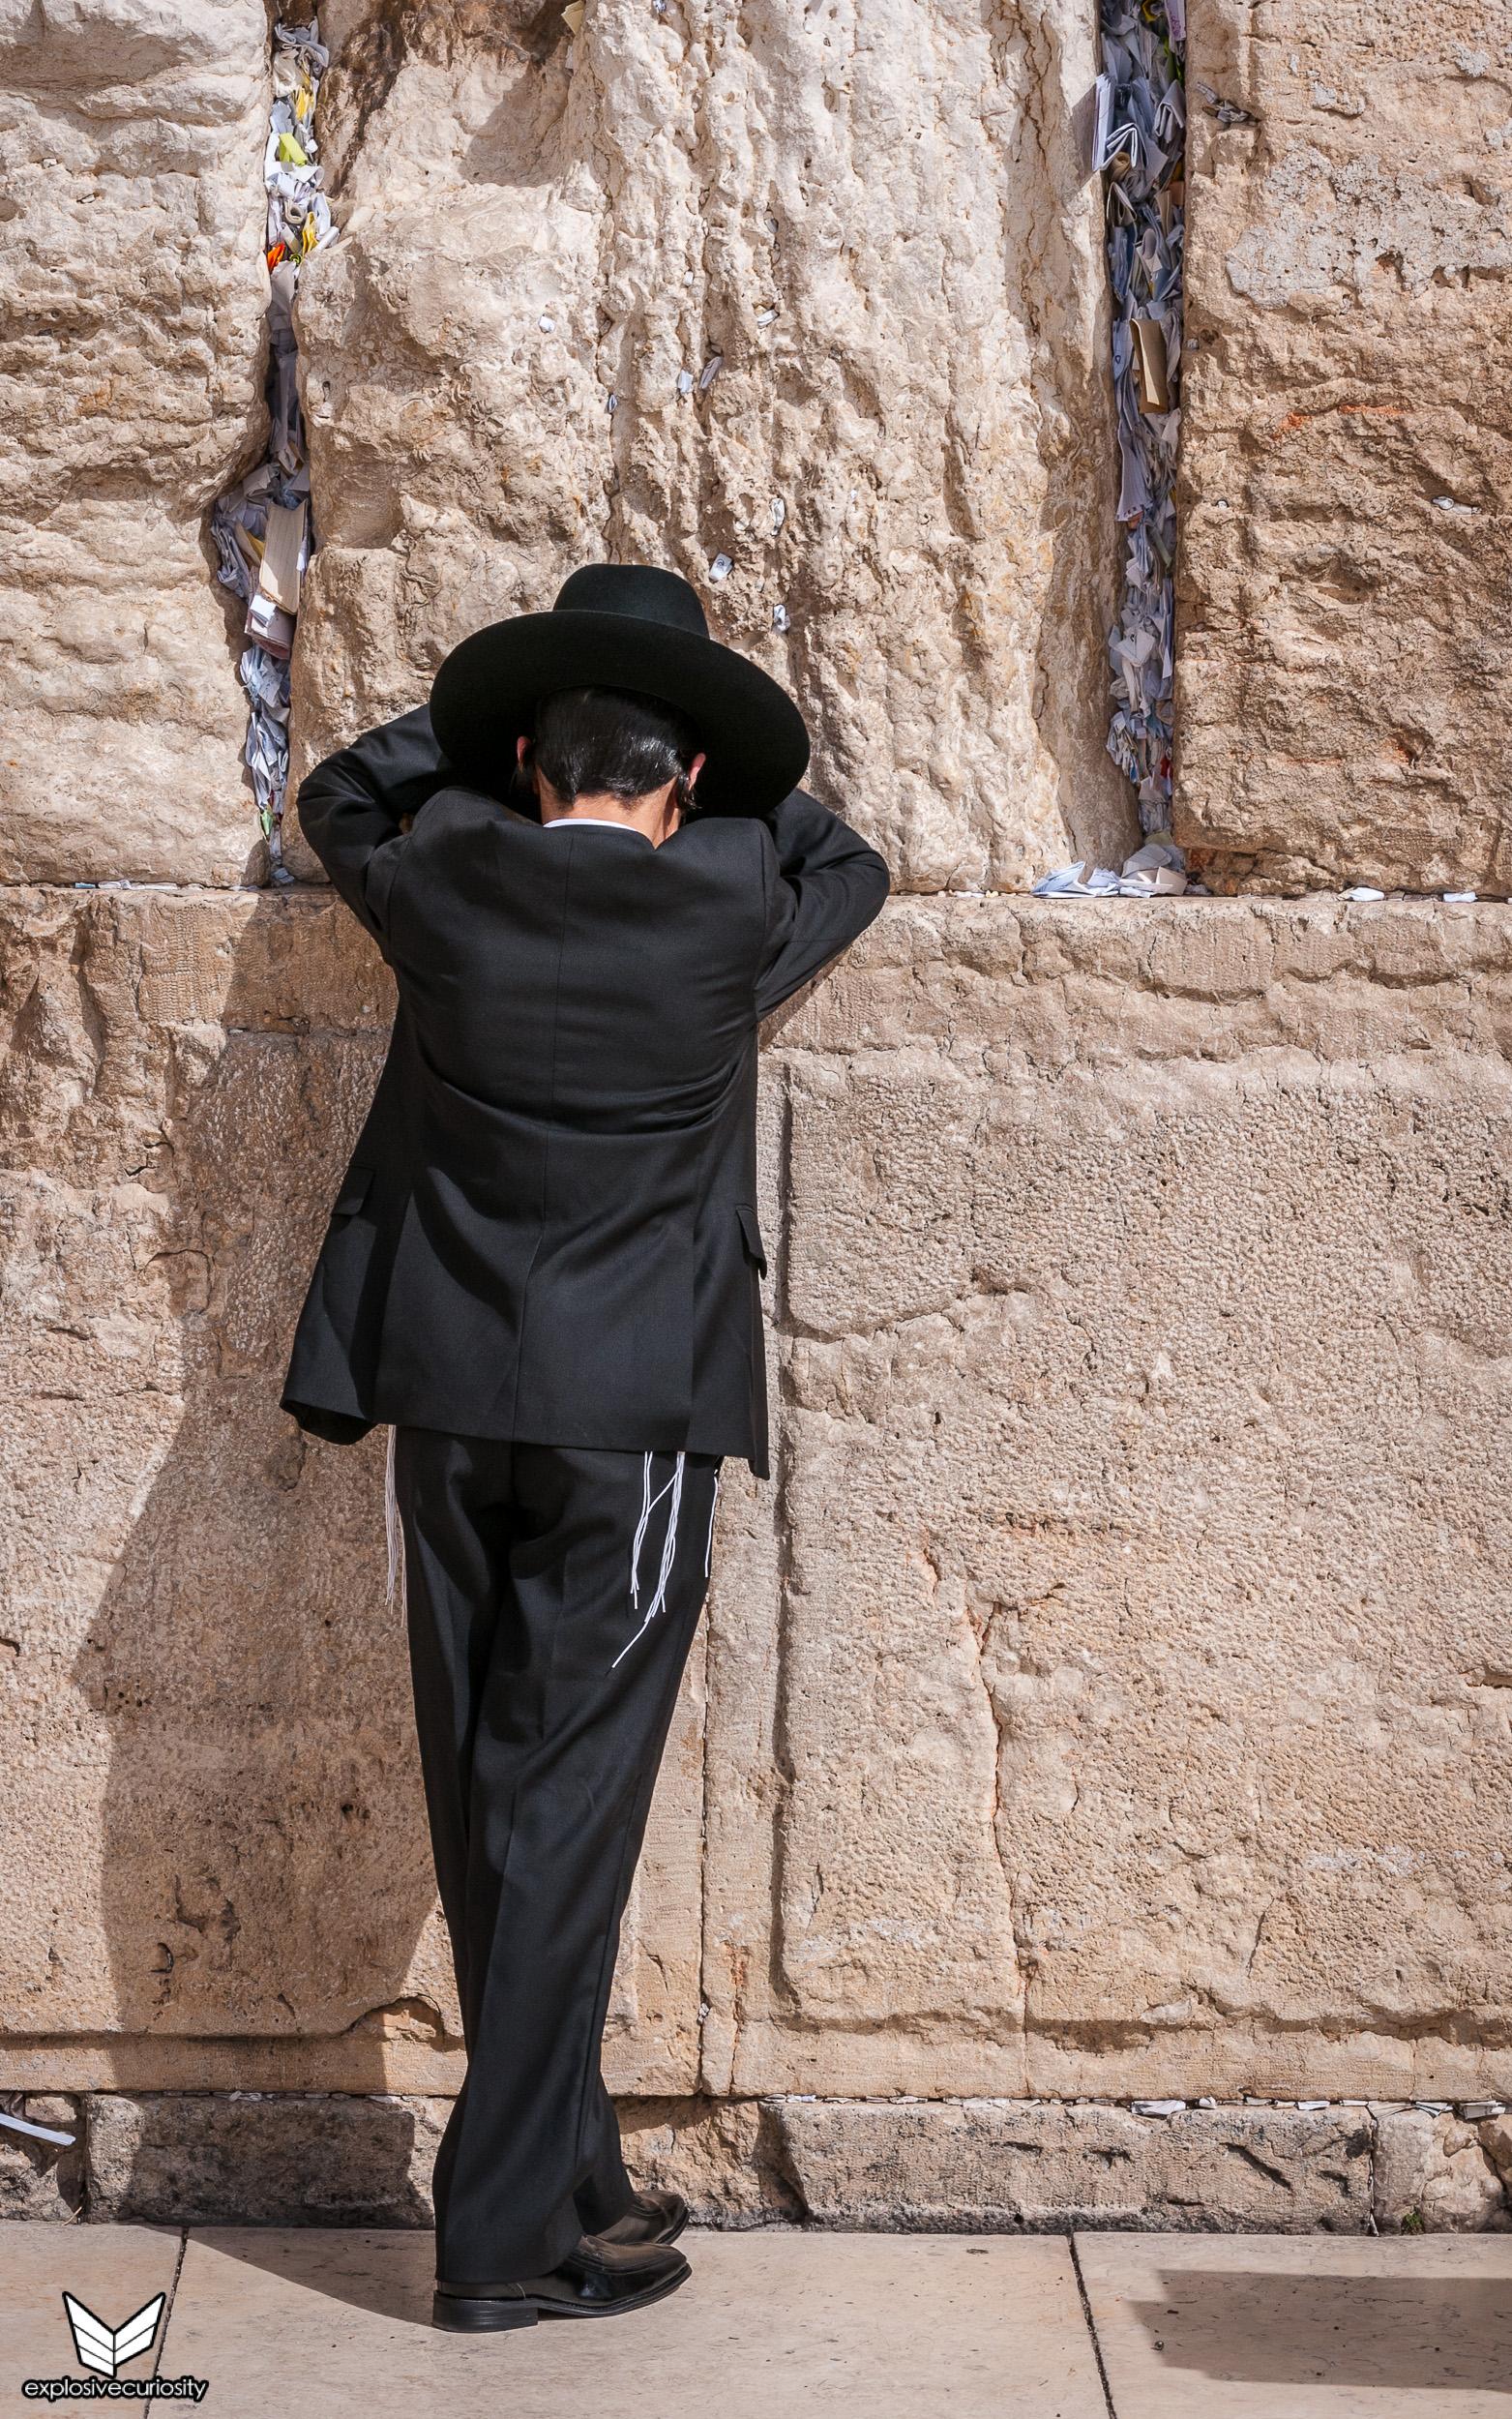 western_wall-11